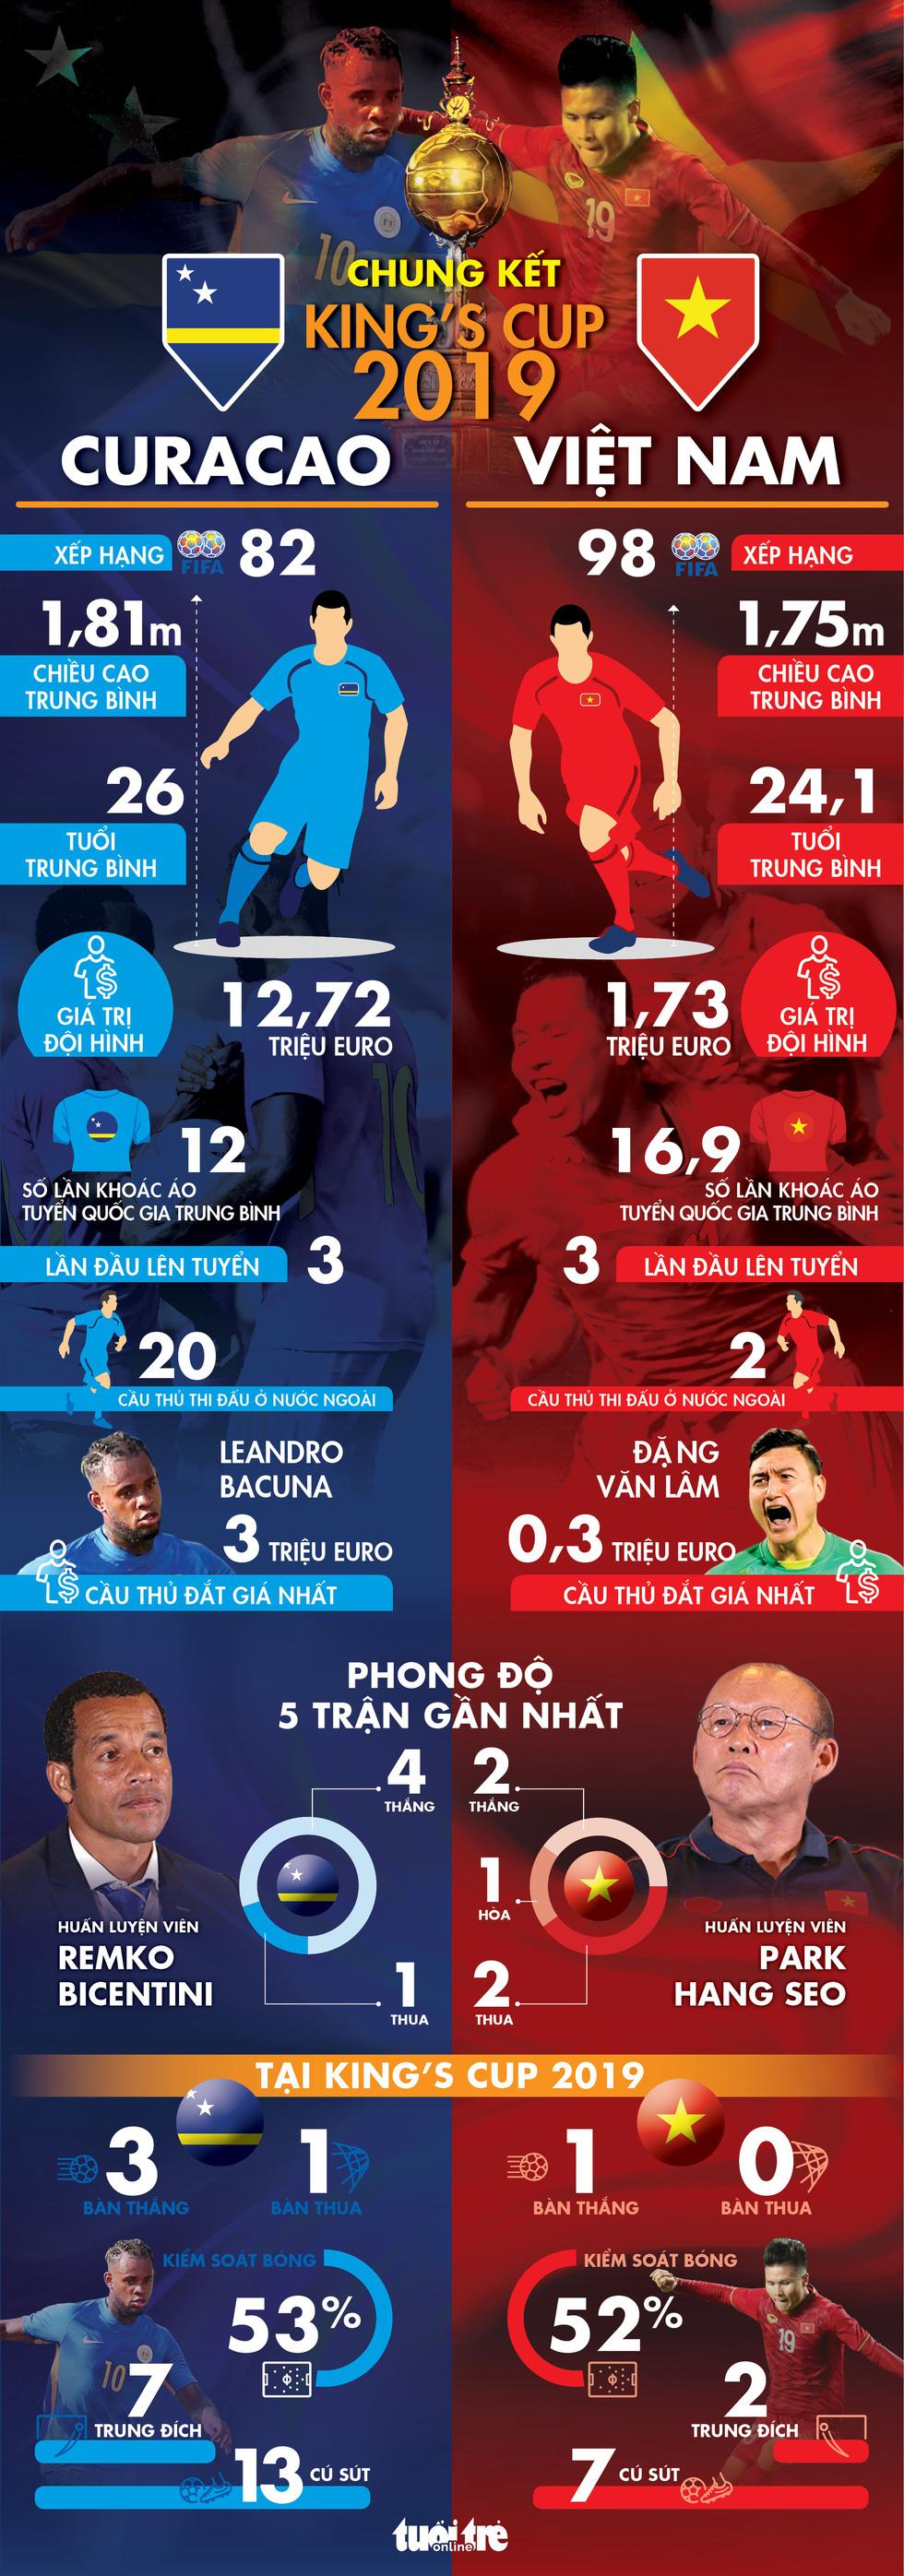 Tương quan sức mạnh Việt Nam và Curacao ở chung kết Kings Cup 2019 - Ảnh 1.